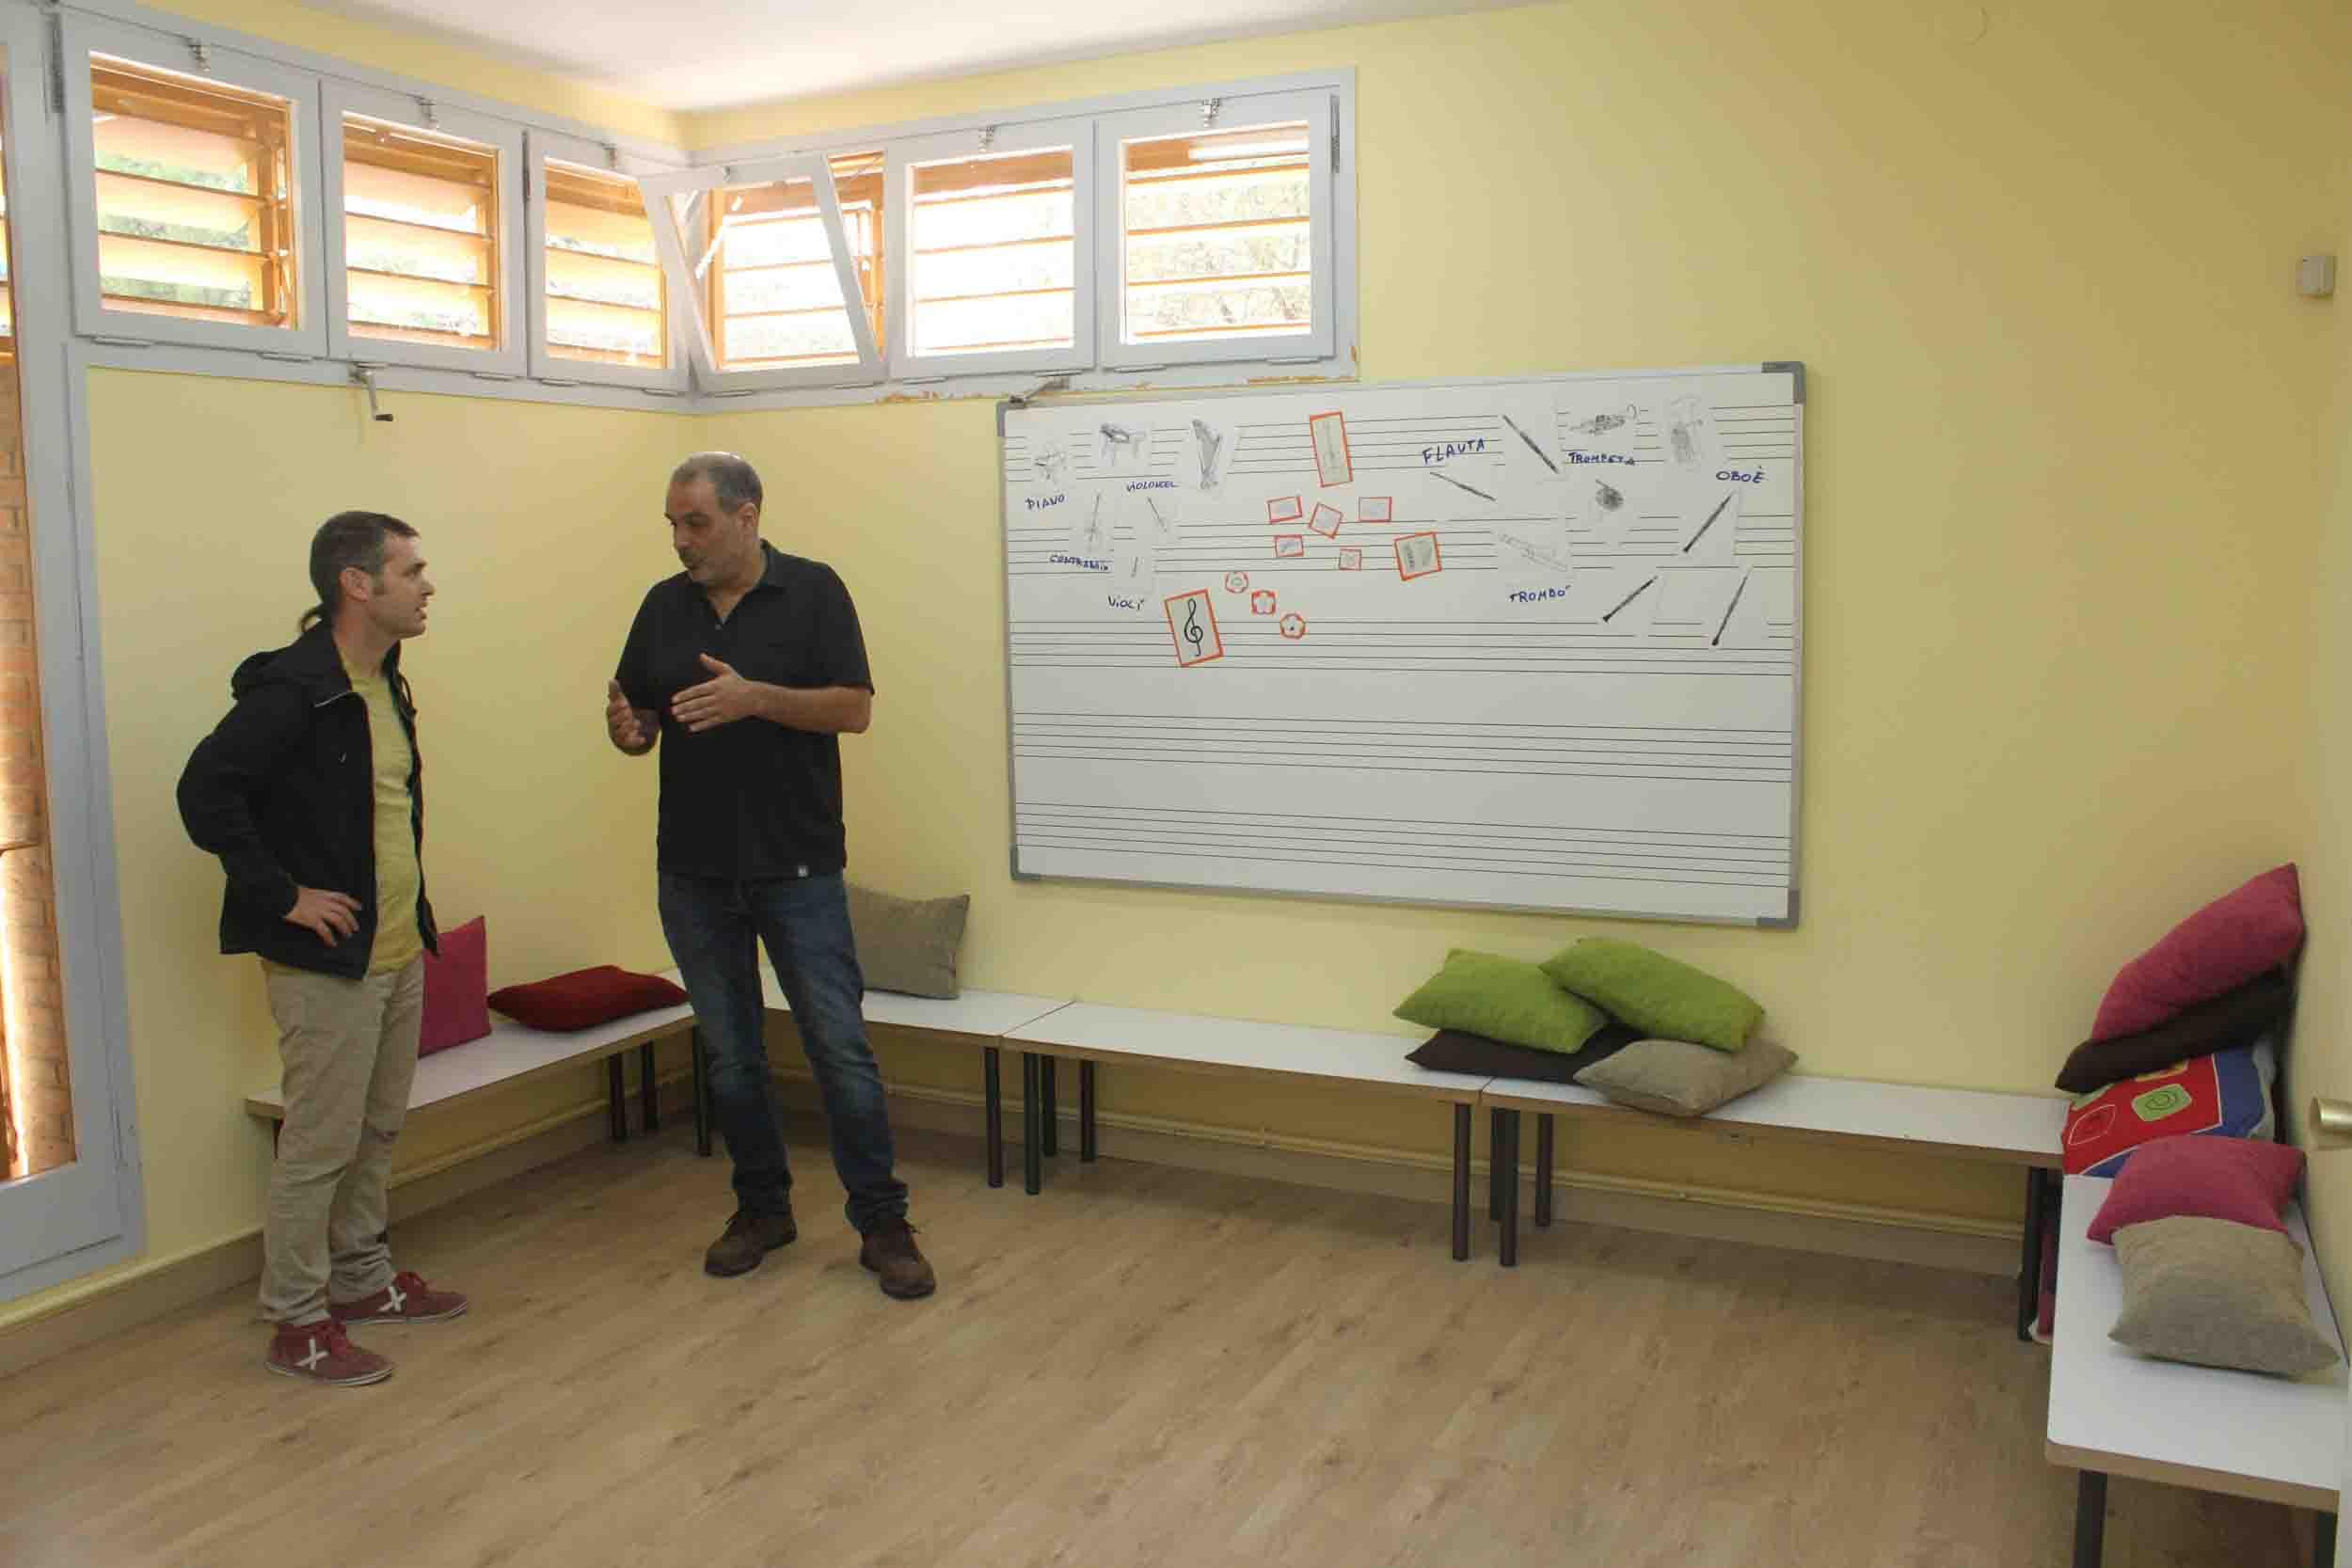 L'Escola Municipal de Música de Tàrrega estrena una nova aula de formació destinada als alumnes més petits, de 3 a 6 anys